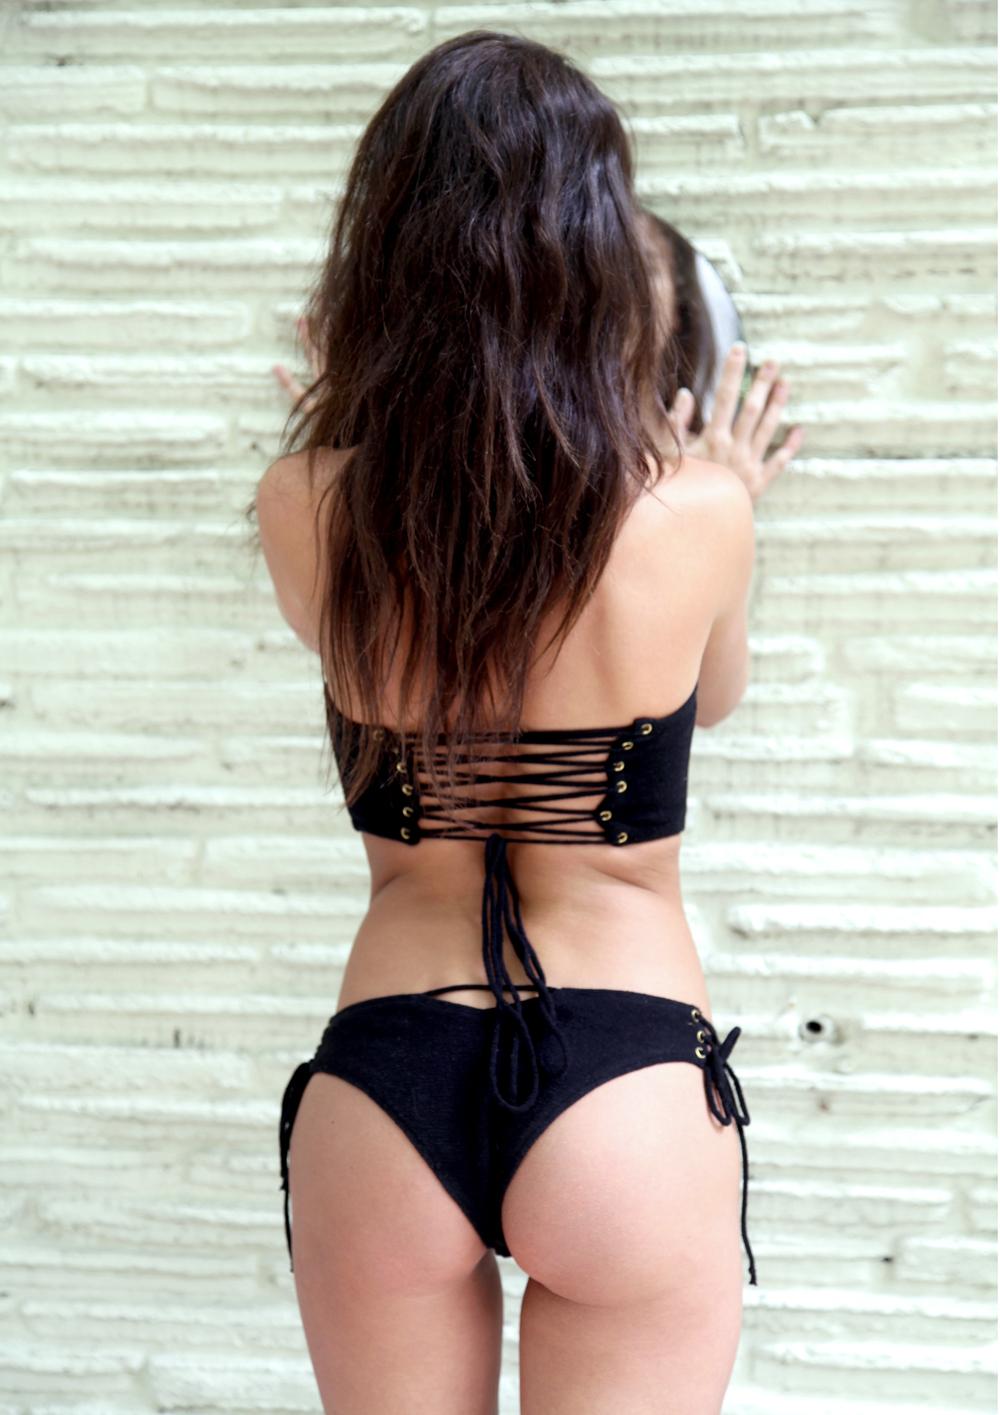 in your arms  jupiter bikini destiny sierra